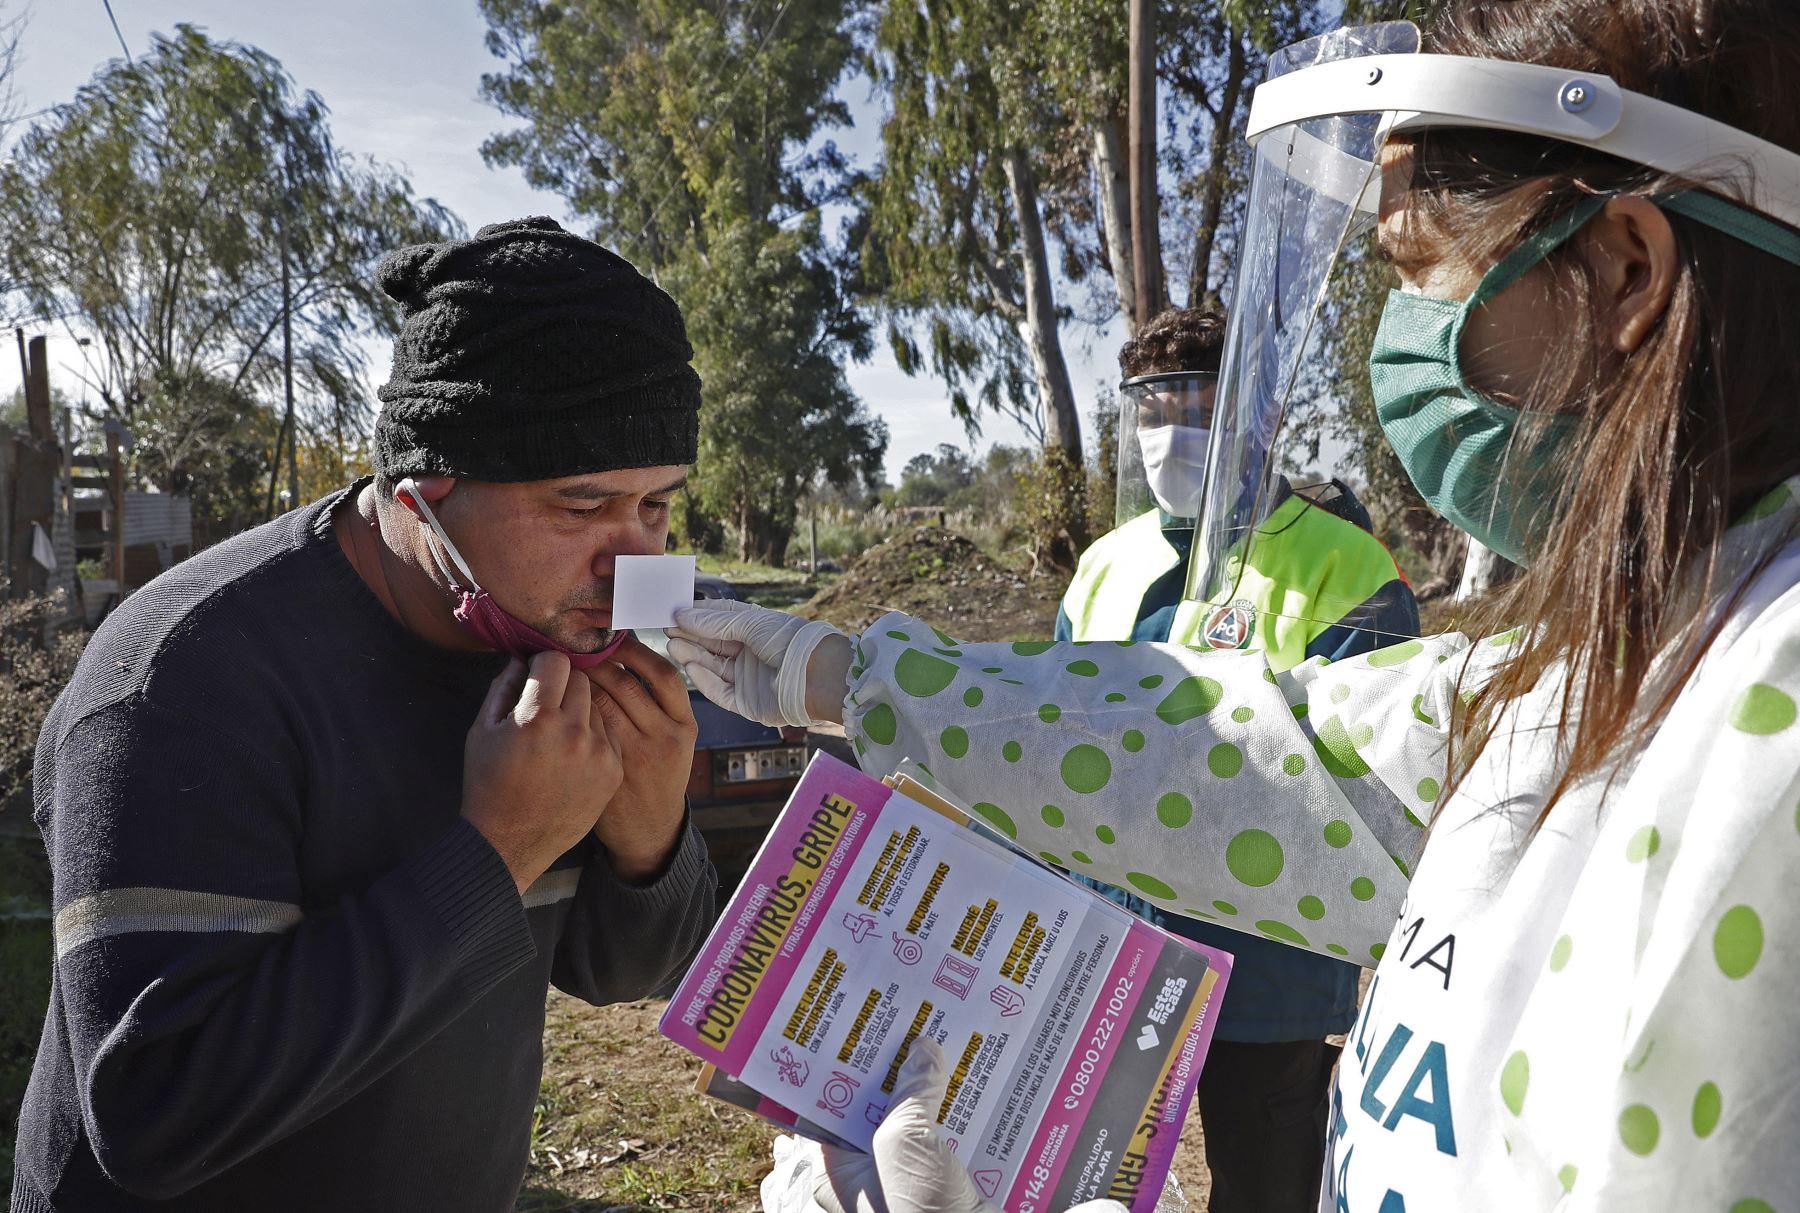 Un trabajador de la salud realiza una prueba olfativa -para controlar la pérdida de olfato- a un residente en el barrio Altos de San Lorenzo, cerca de la ciudad de La Plata, a 65 km de la ciudad de Buenos Aires, Argentina. Foto: AFP